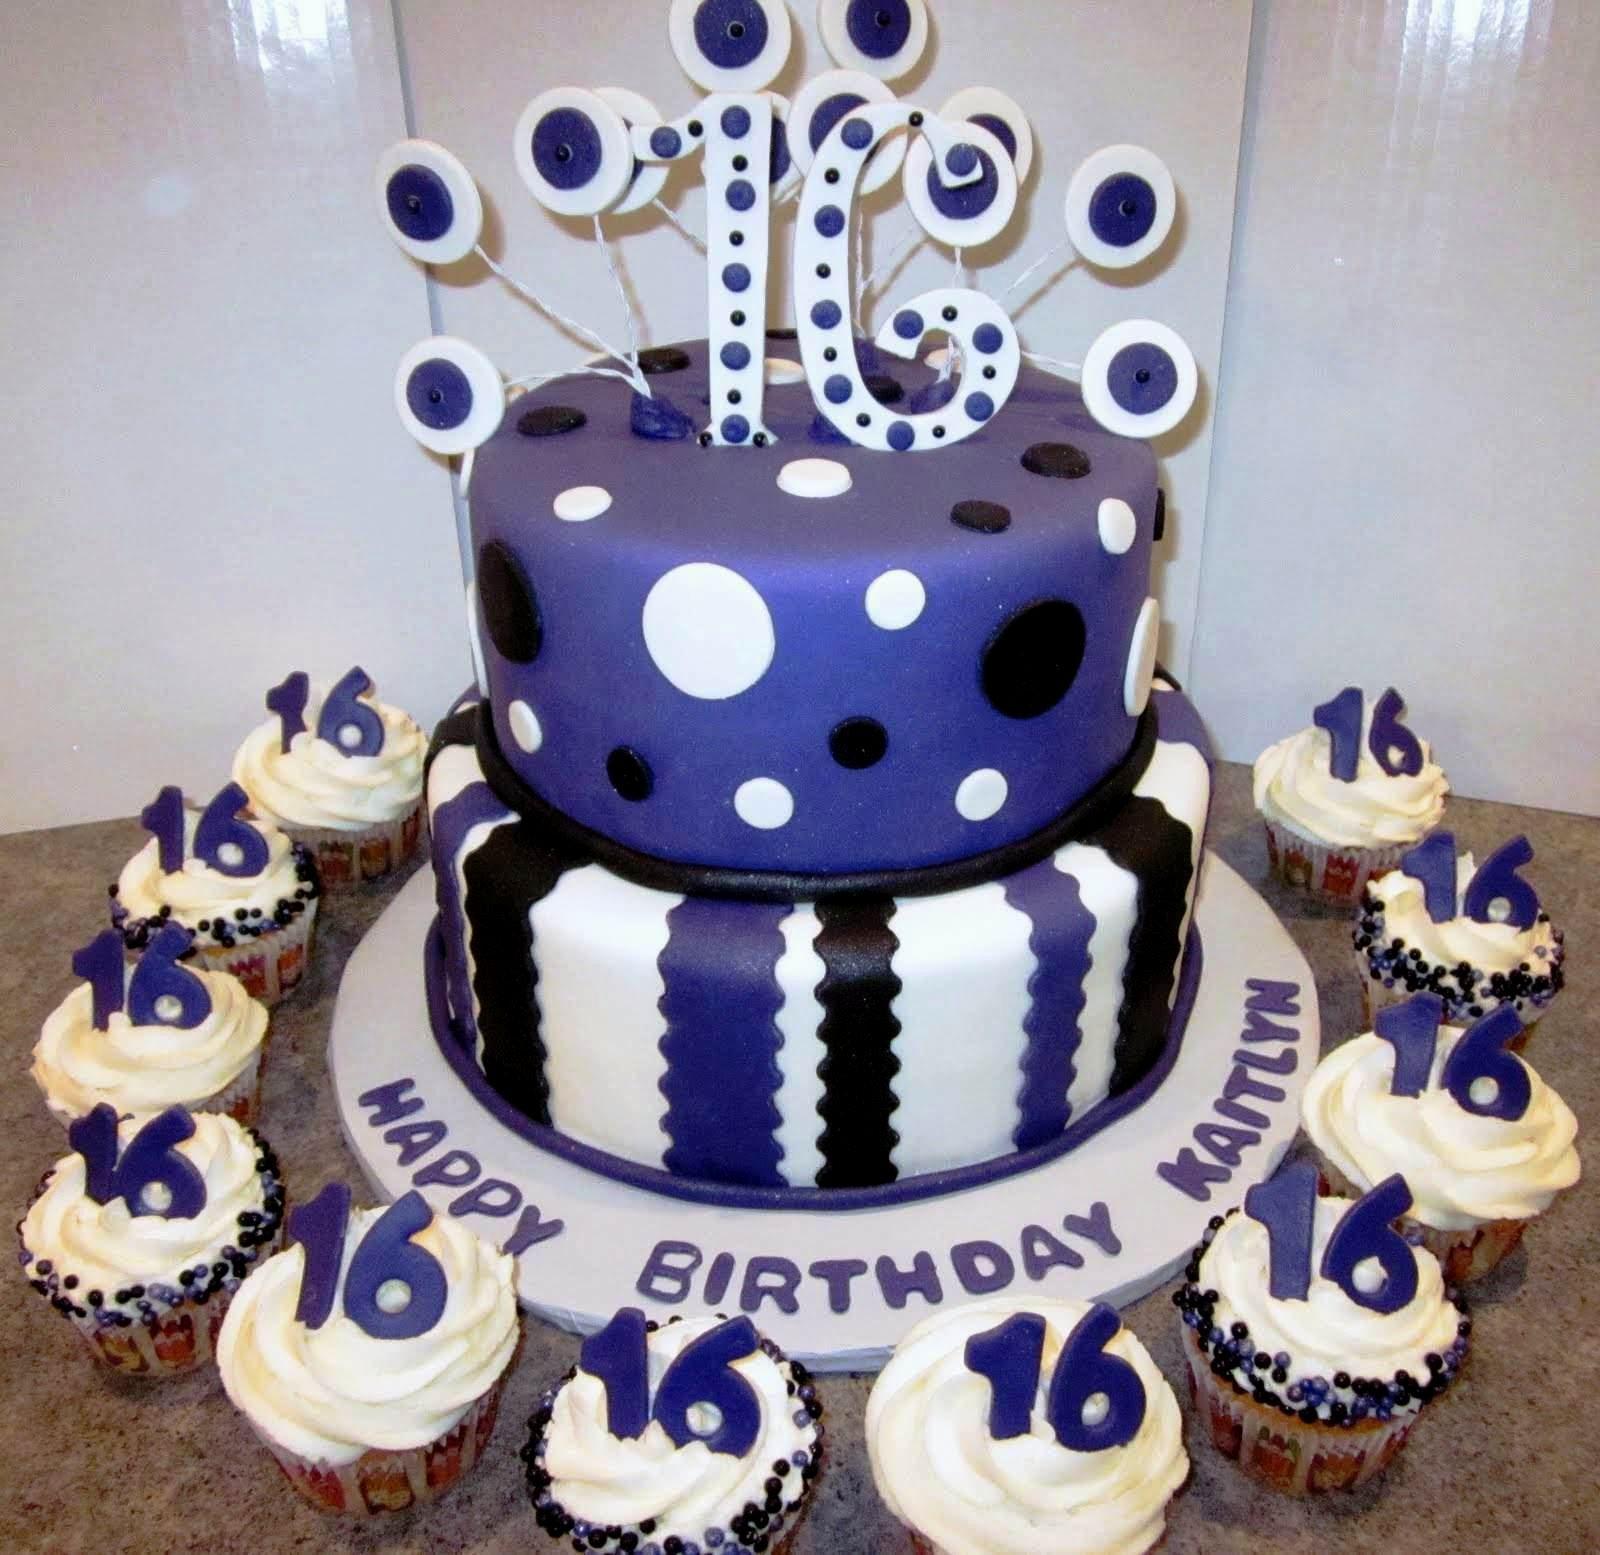 birthday cake ideas 16th boy 16th birthday ideas Pinterest